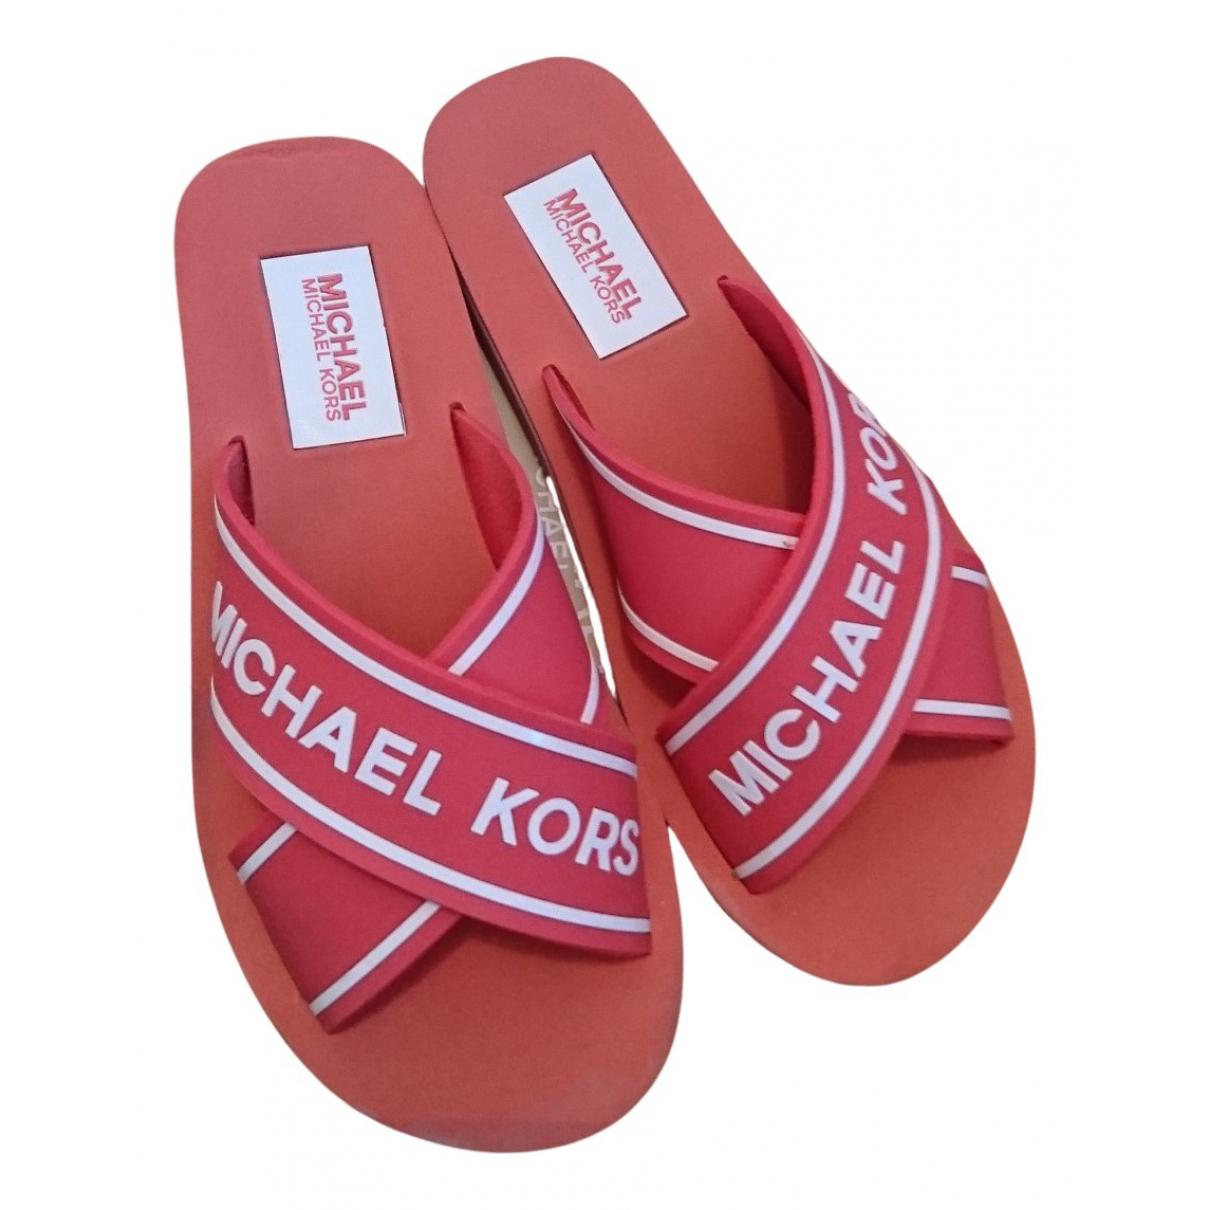 Michael Kors N Pink Sandals for Women 37 EU